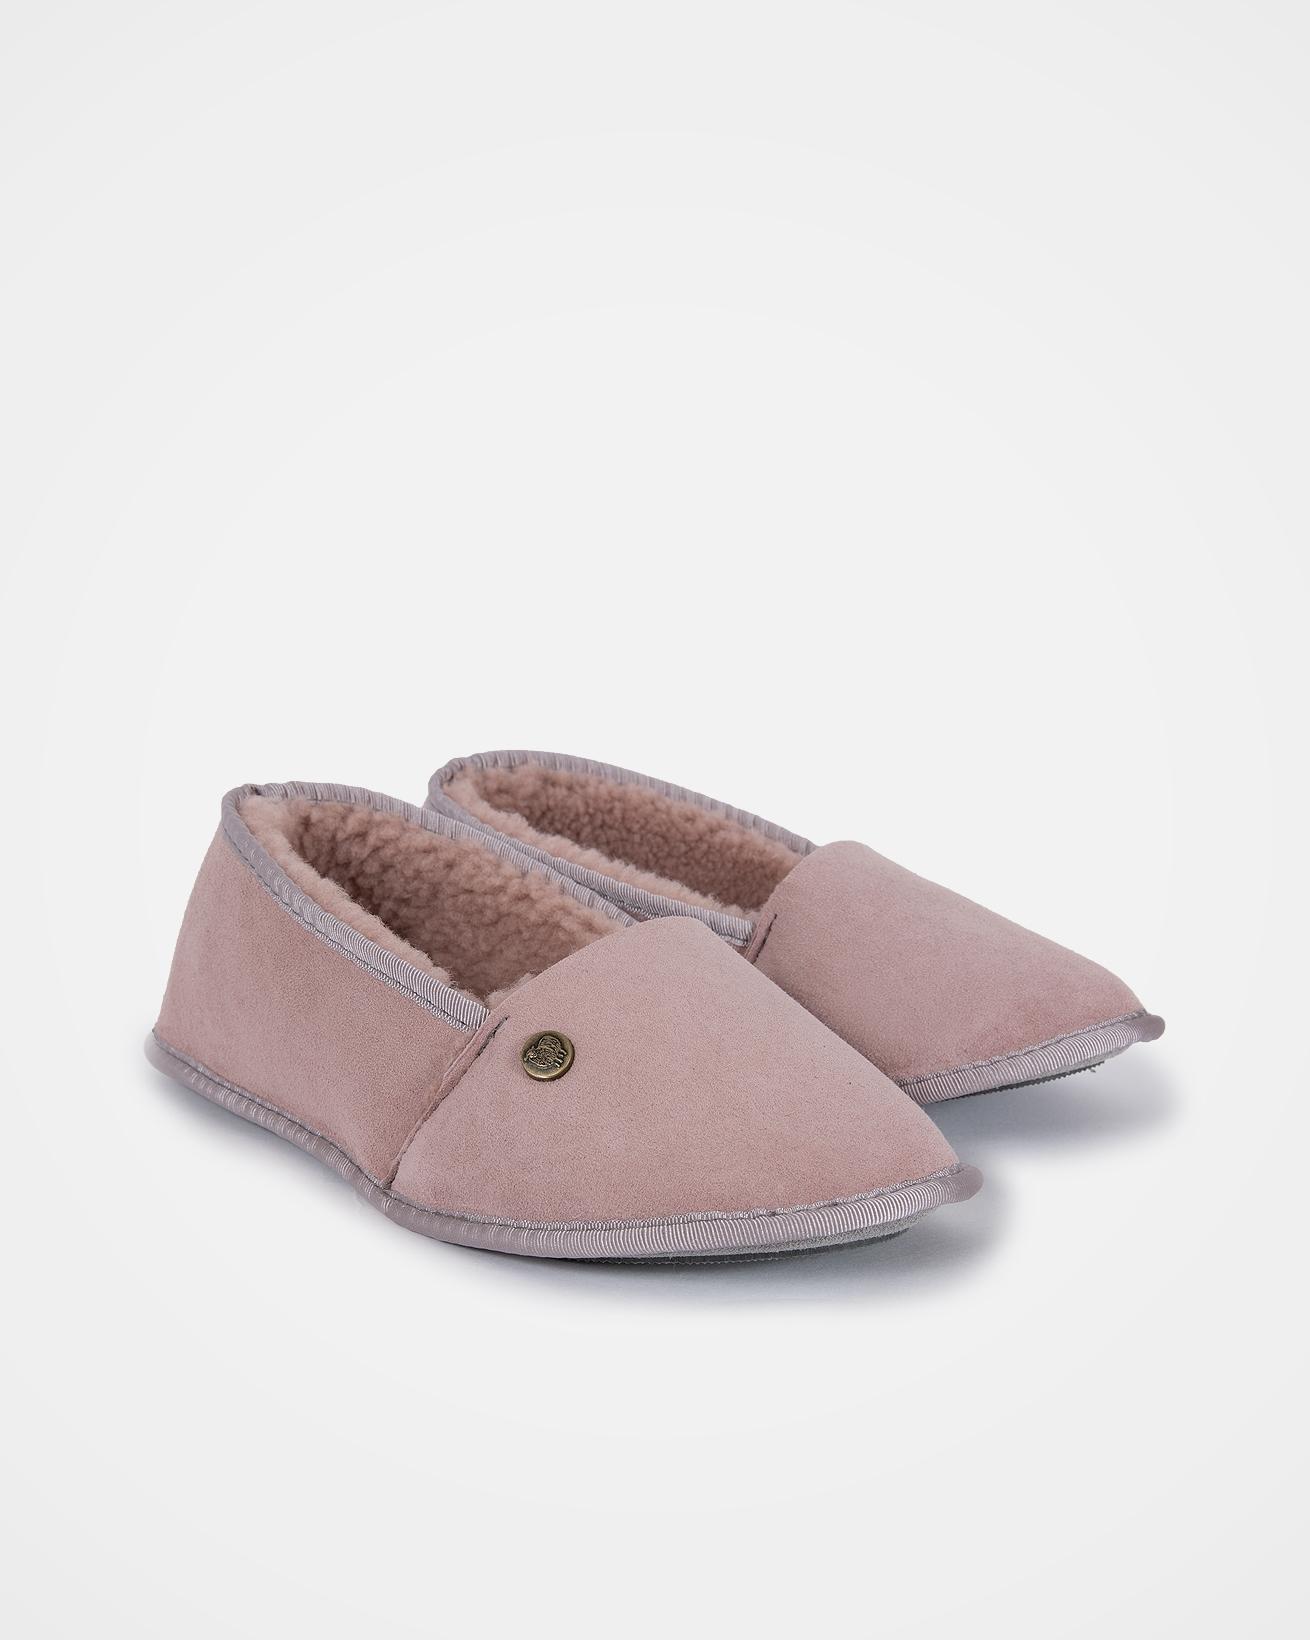 6806_venetian-slipper_dusky-pink_pair_v2.jpg